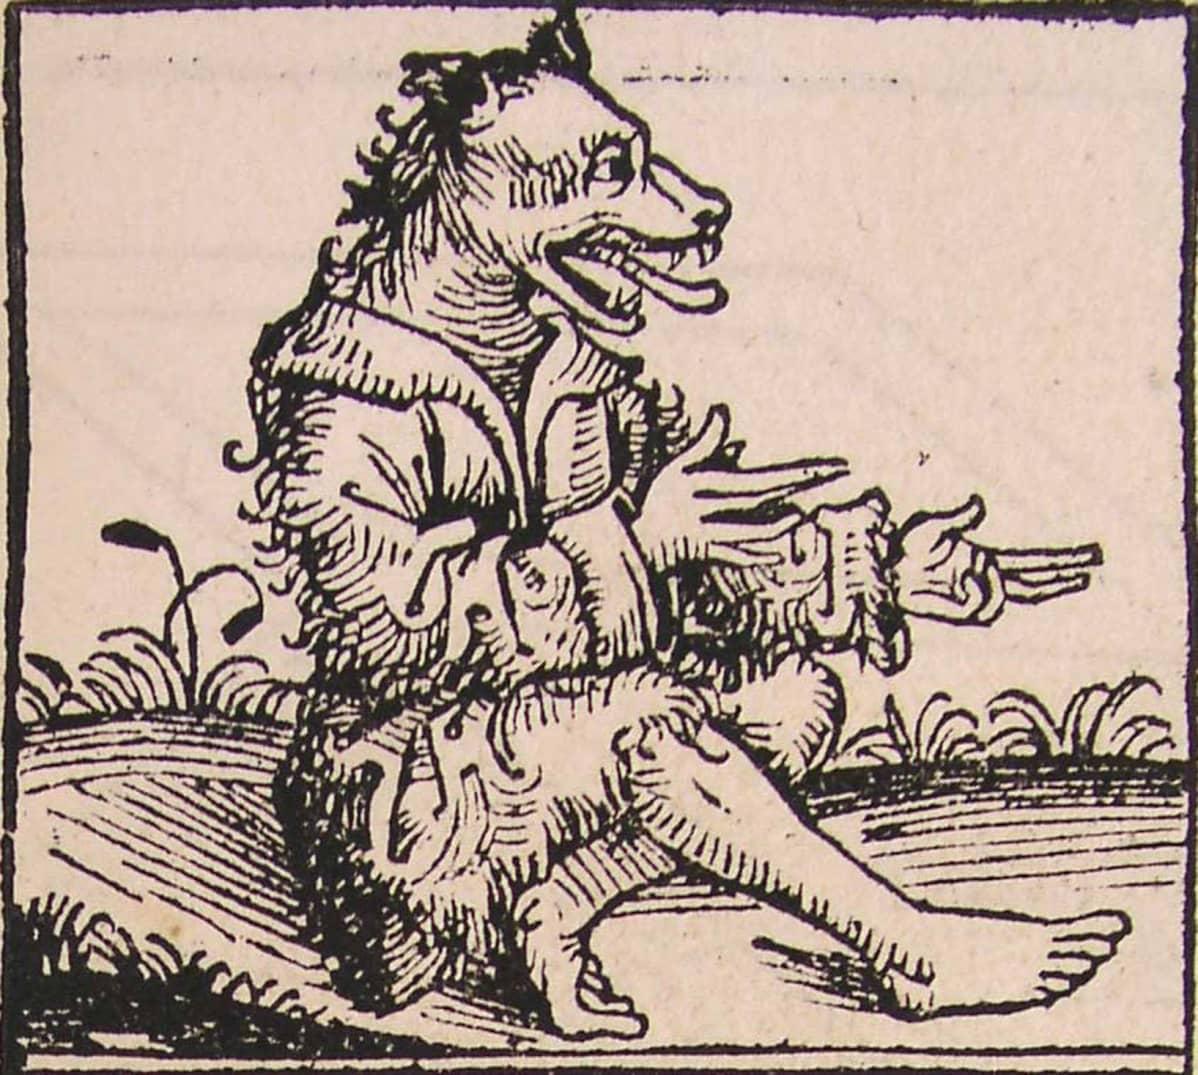 Koirankunolainen, muinainen taruolento jolla oli ihmisen vartalo ja koirankaltainen pää.